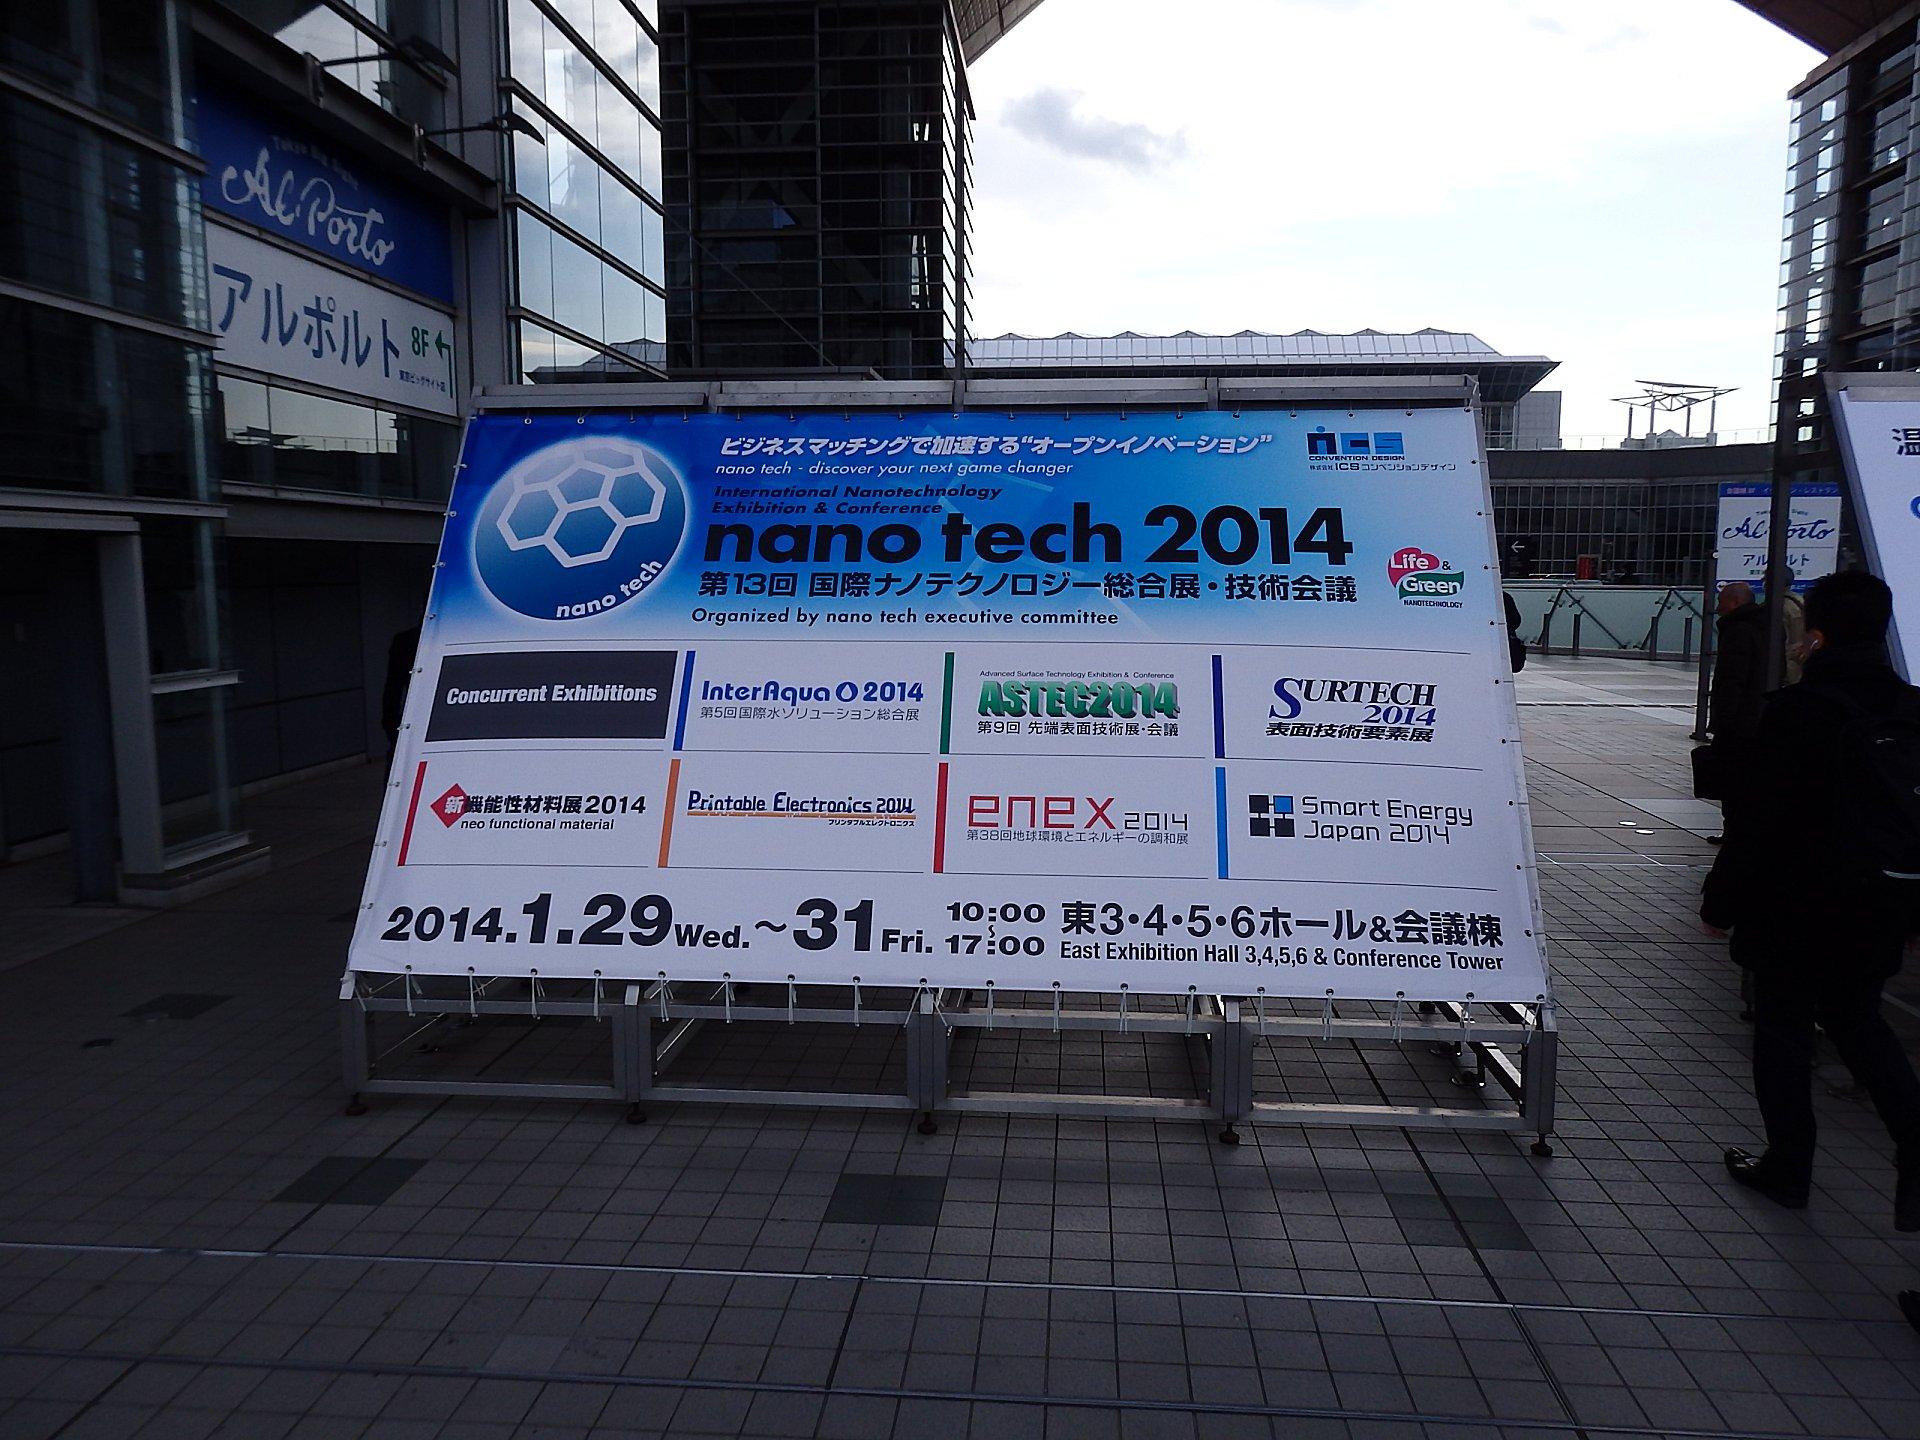 ENEX2014とSmart Energy Japan2014を見学しました。